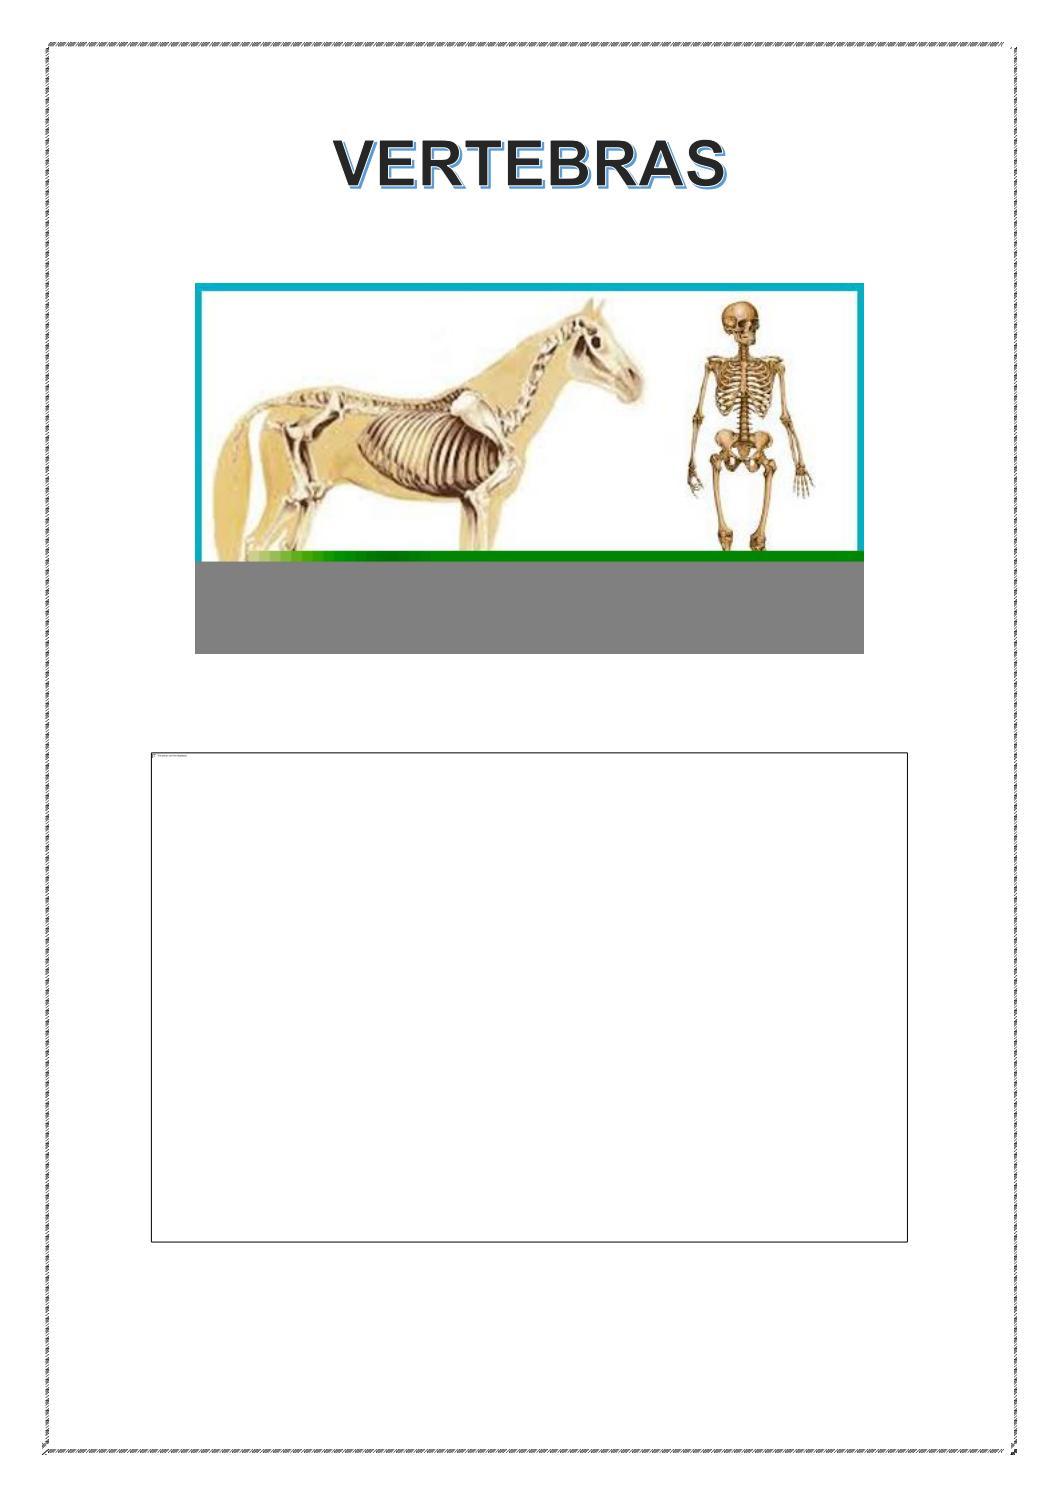 Medicina Veterinaria Y zootecnia by Nicole Gonzalez - issuu